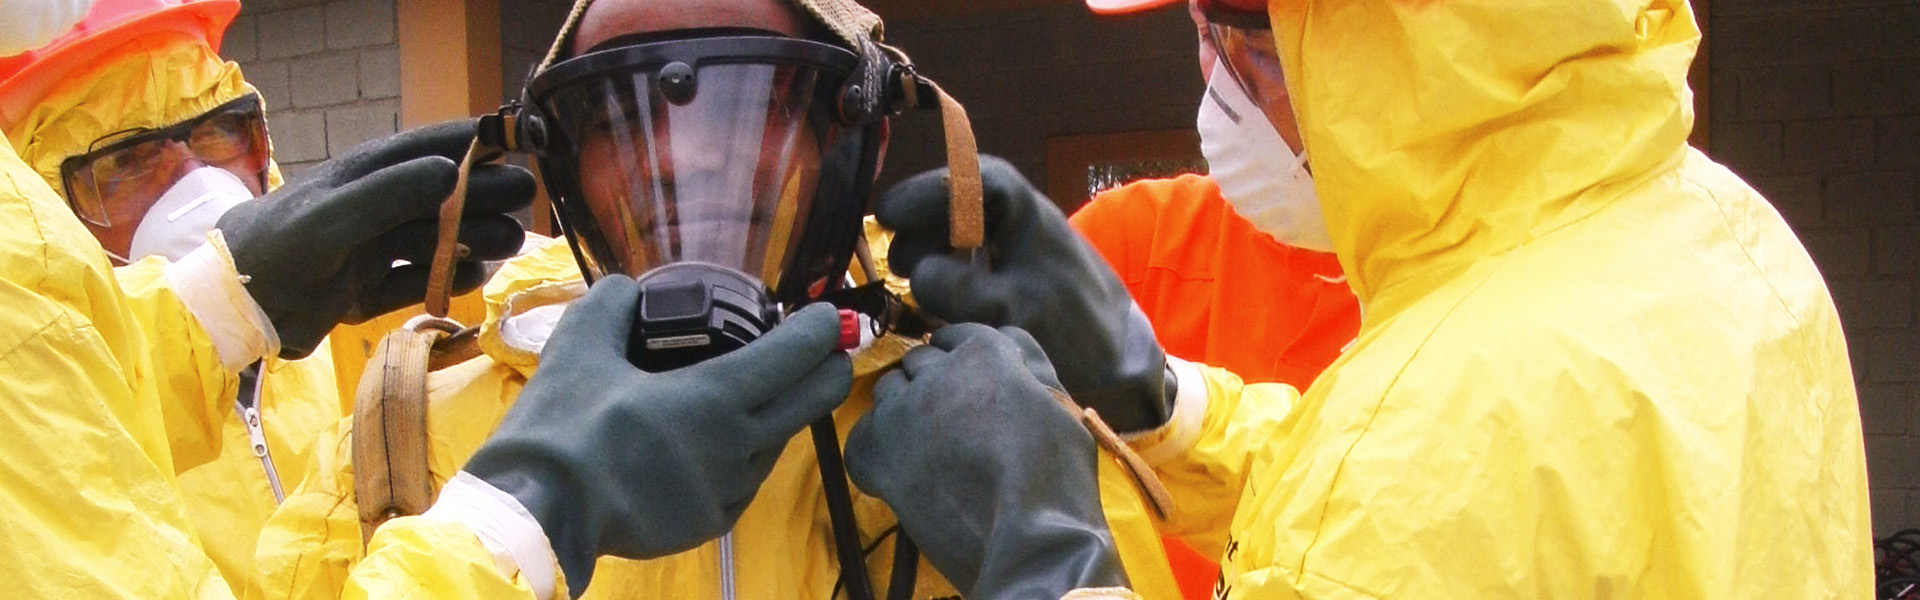 Proteção Respiratória 6